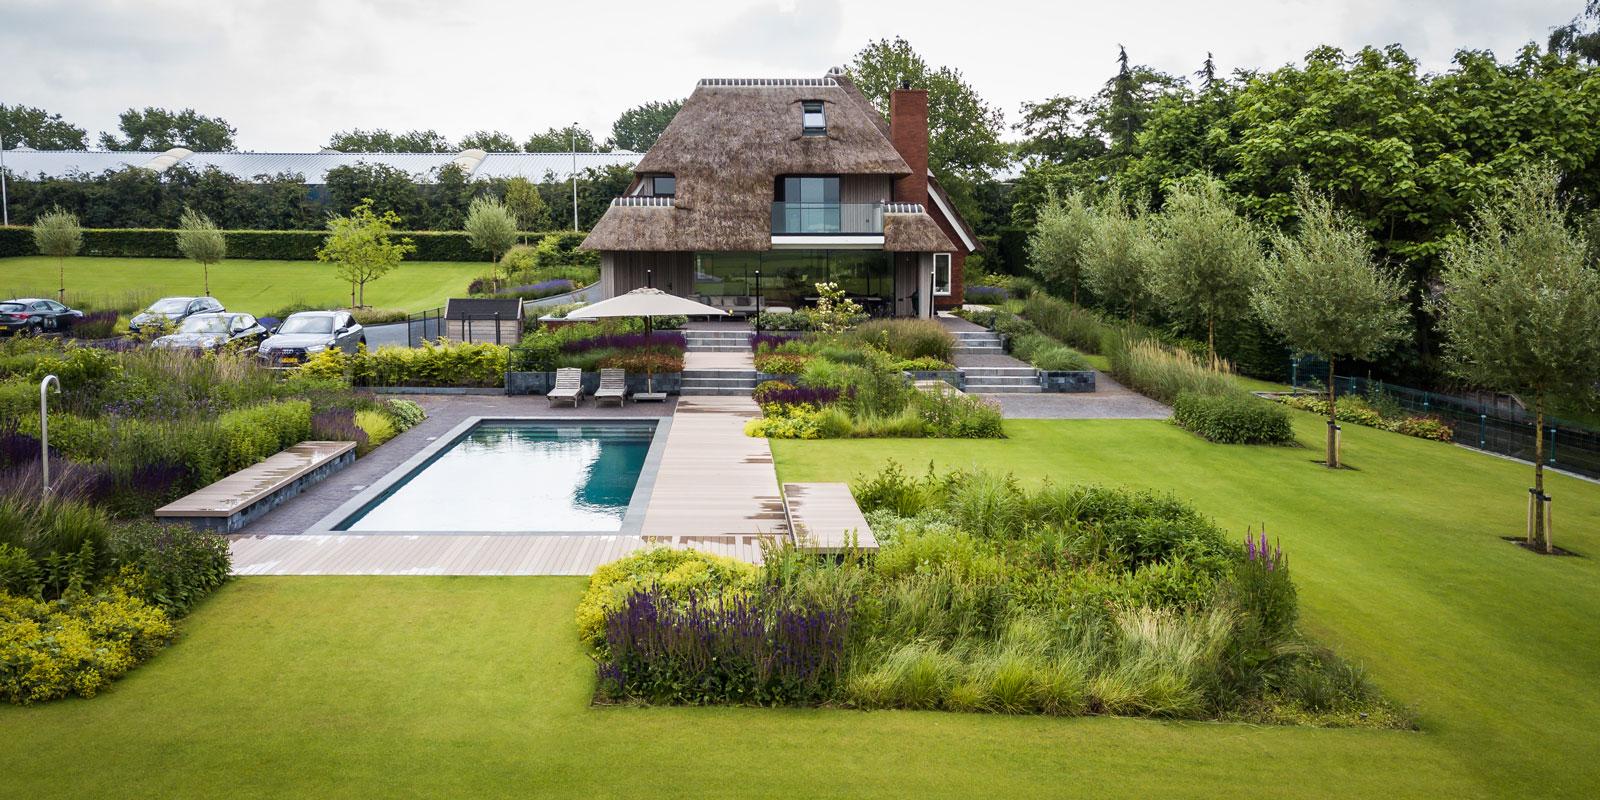 Landhuis, Jaren '30 woning, Villa, Villa met zwembad, Zwembad, luxueuze villa, Marcel de Ruiter